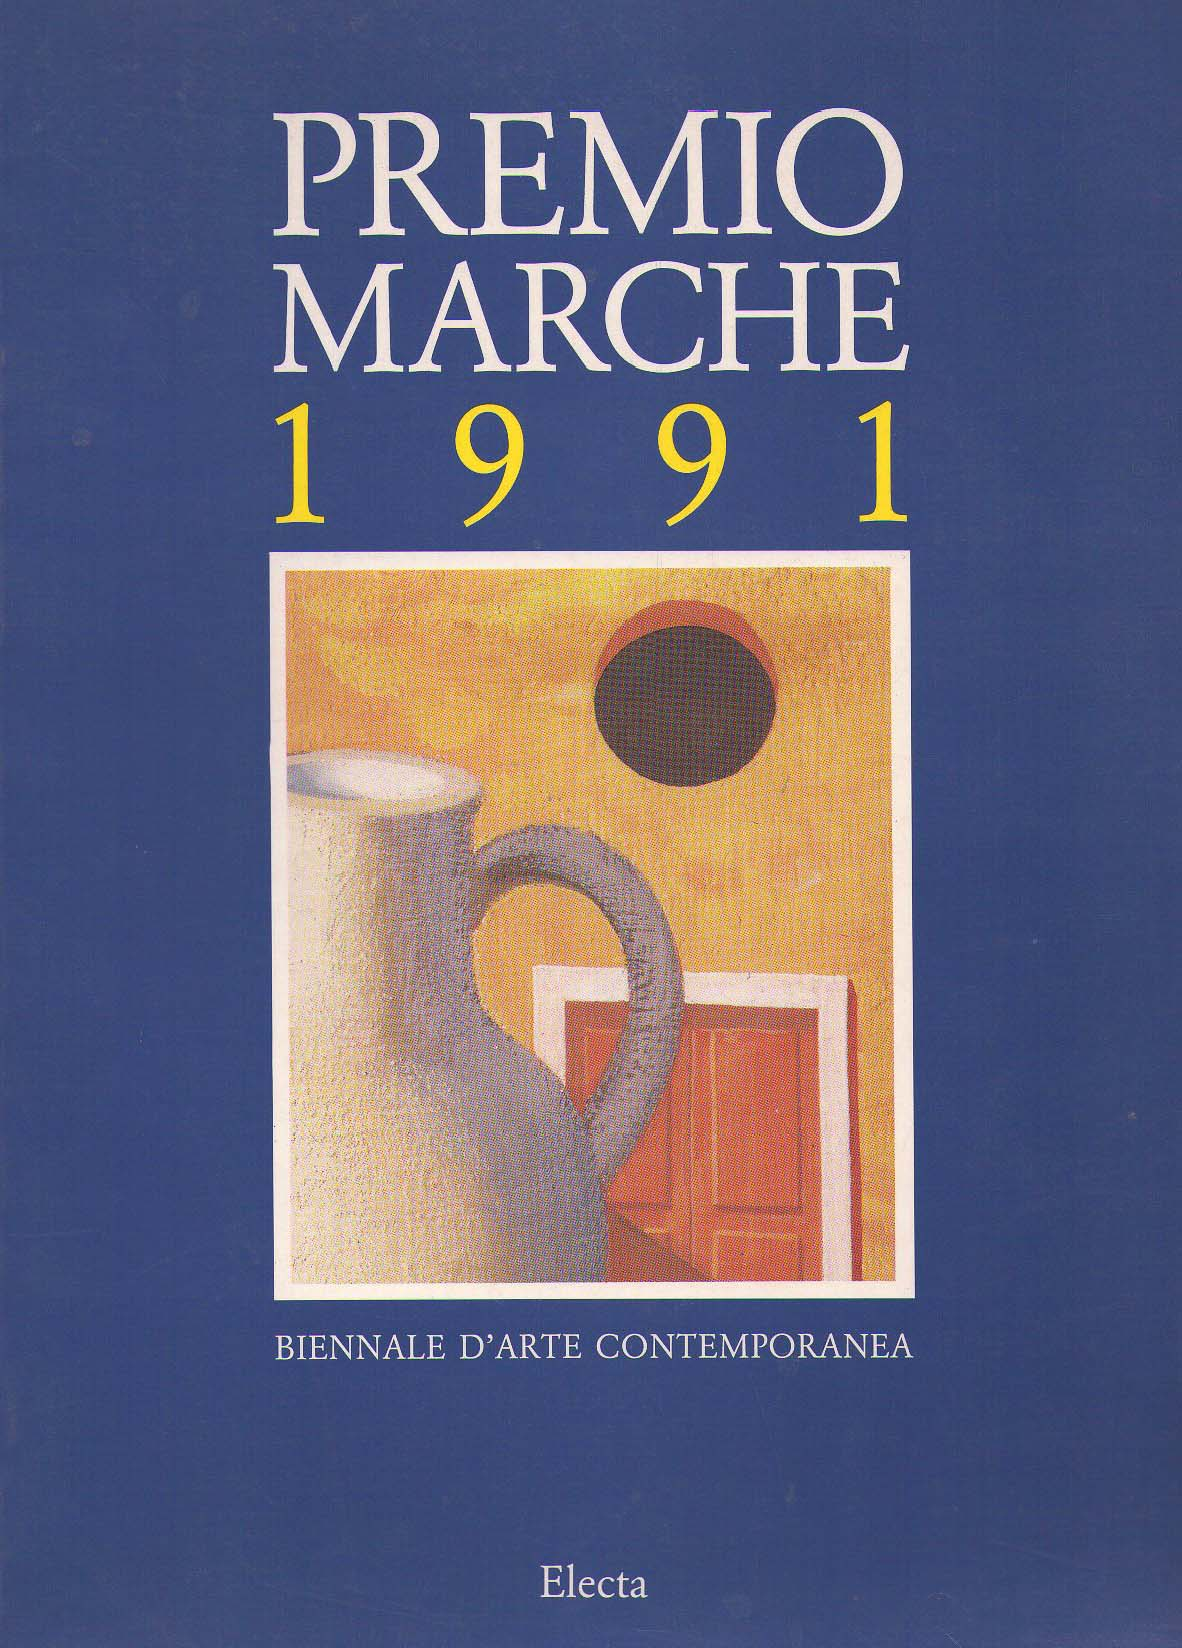 Premio Marche 1991